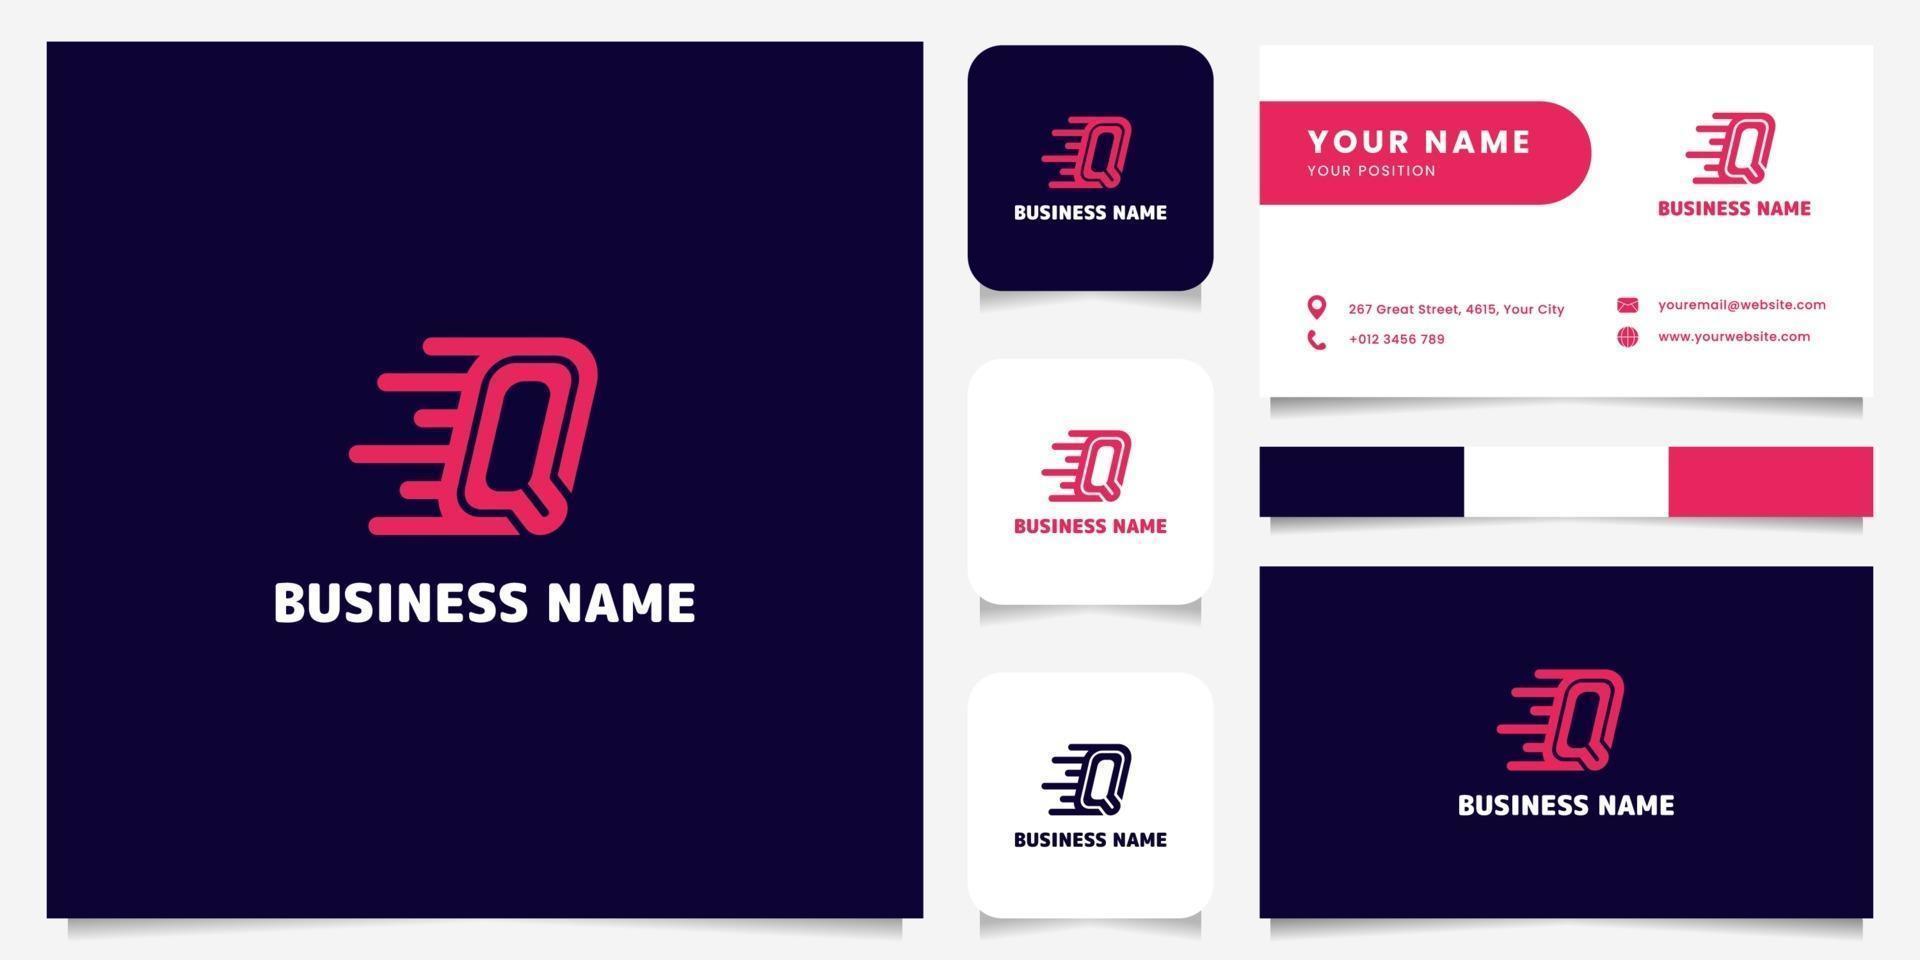 Logotipo de velocidad de letra q rosa brillante simple y minimalista en logotipo de fondo oscuro con plantilla de tarjeta de visita vector